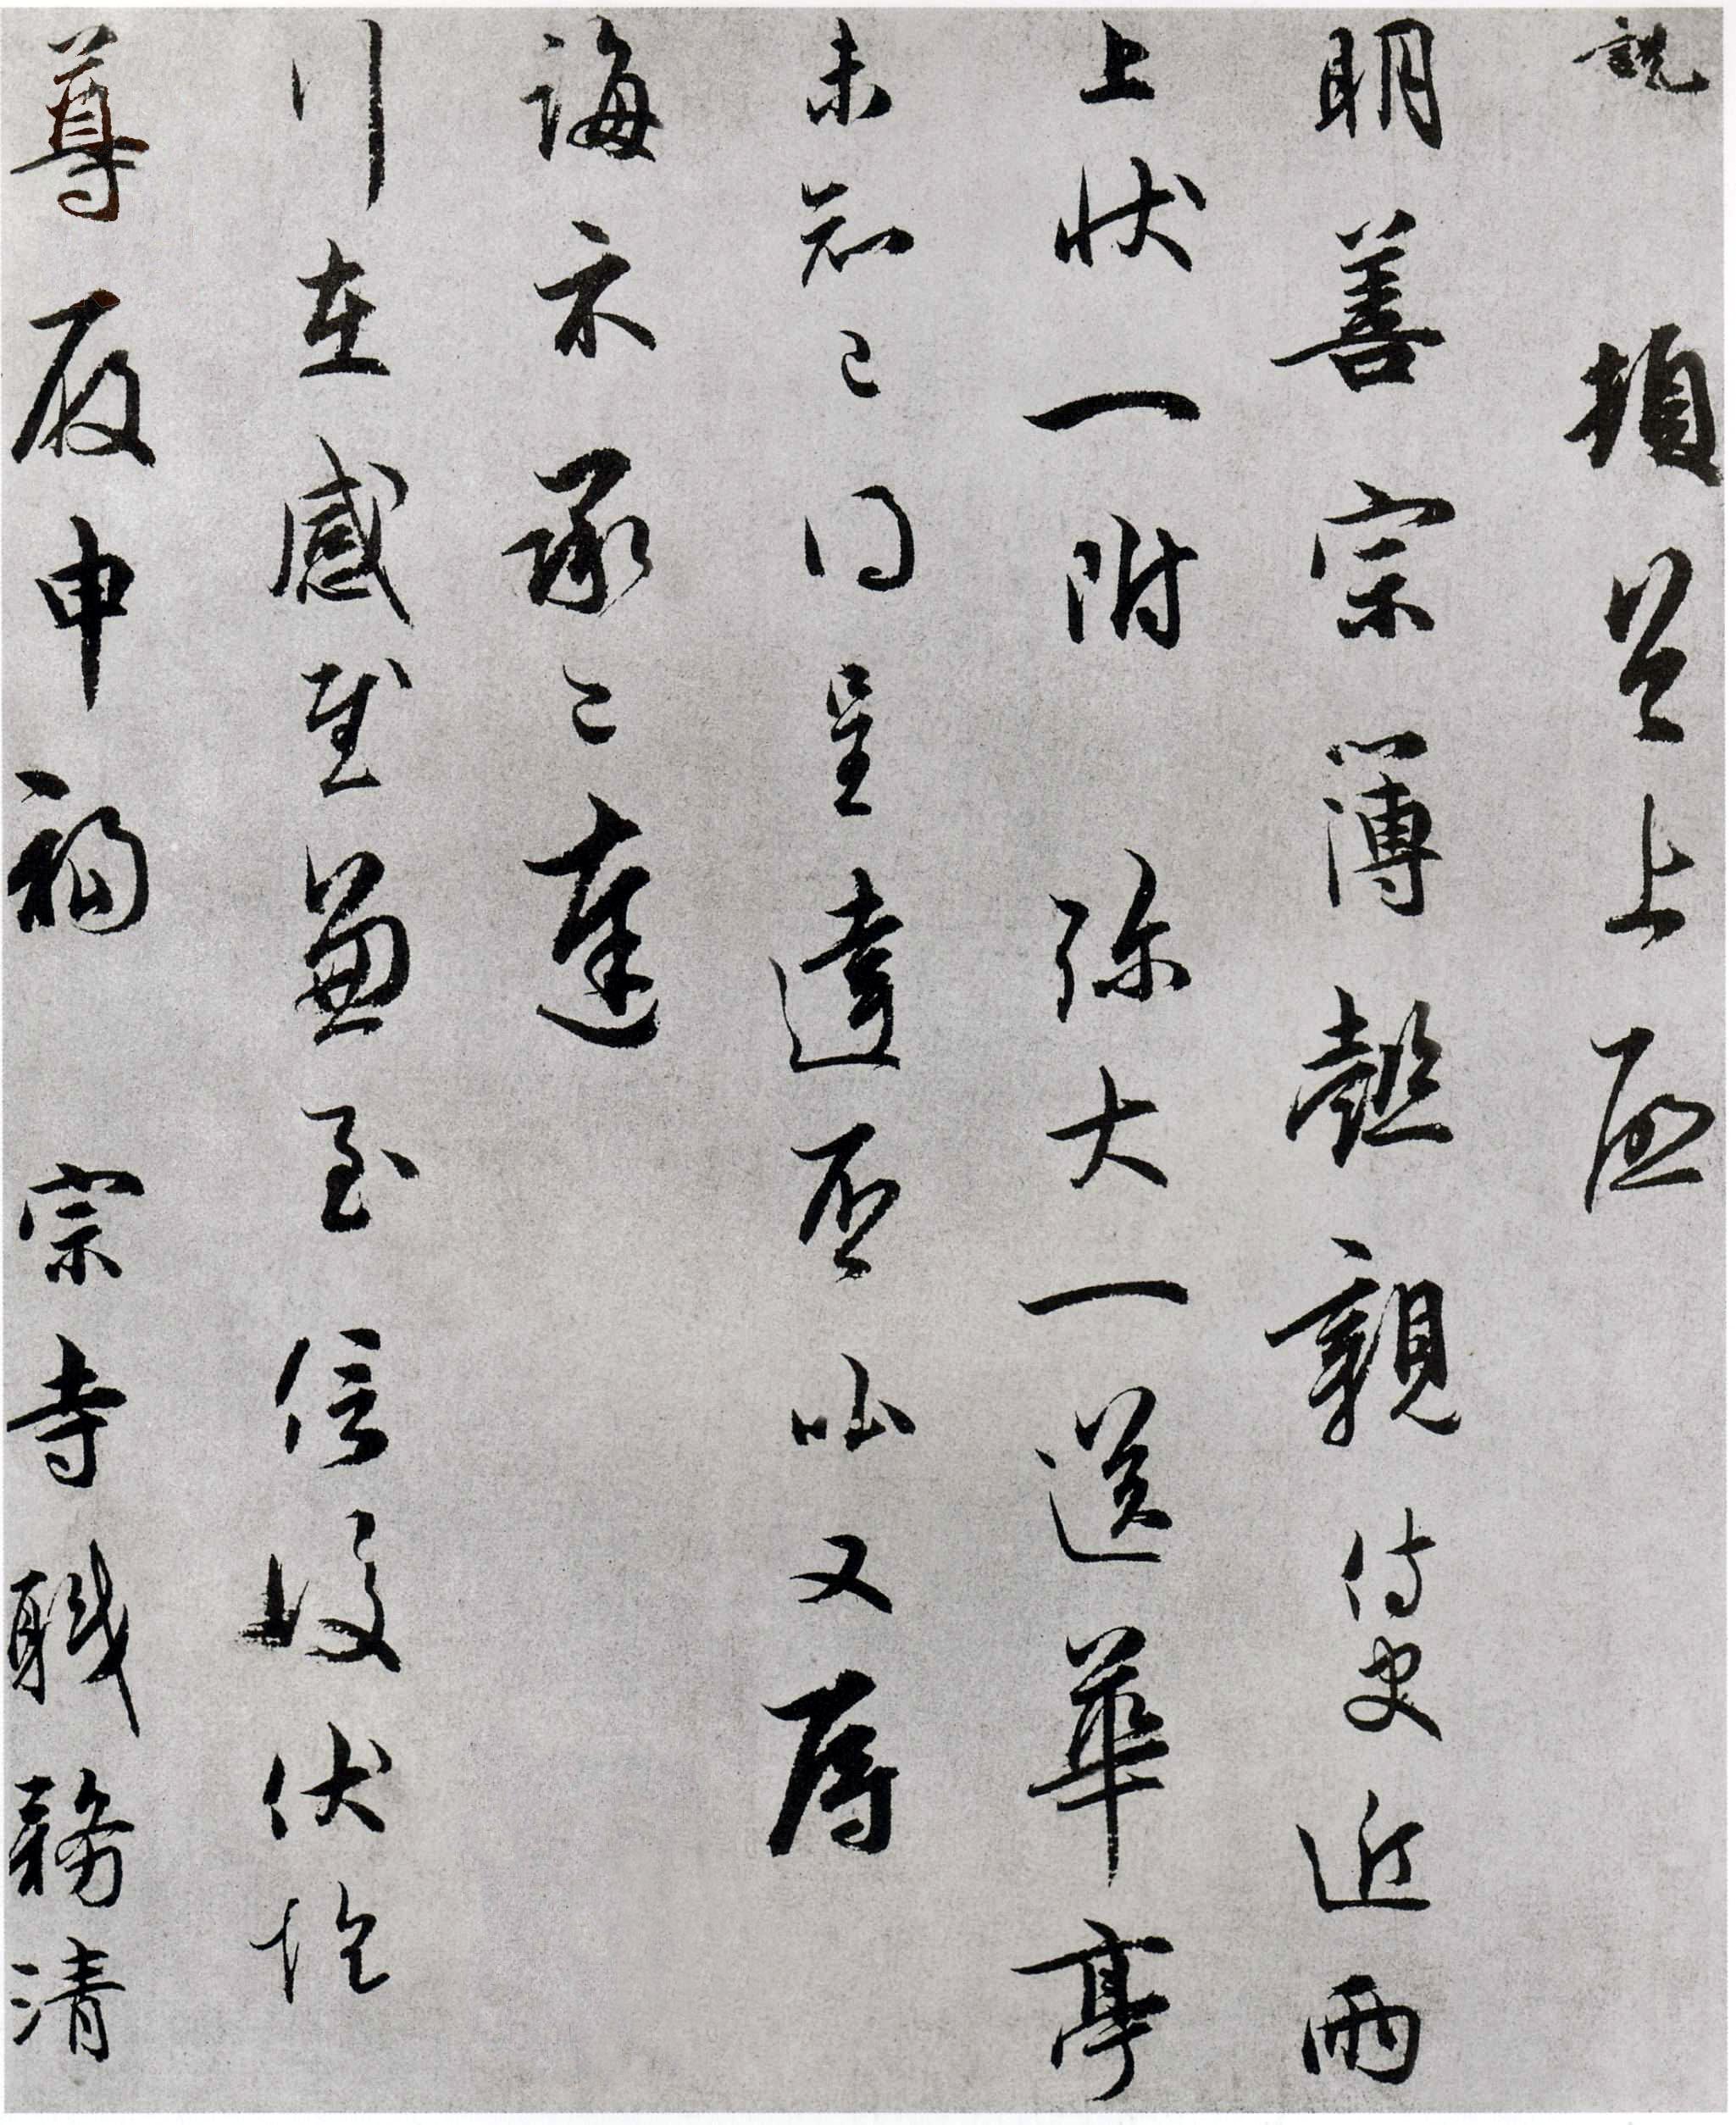 题吴傅朋游丝书诗词